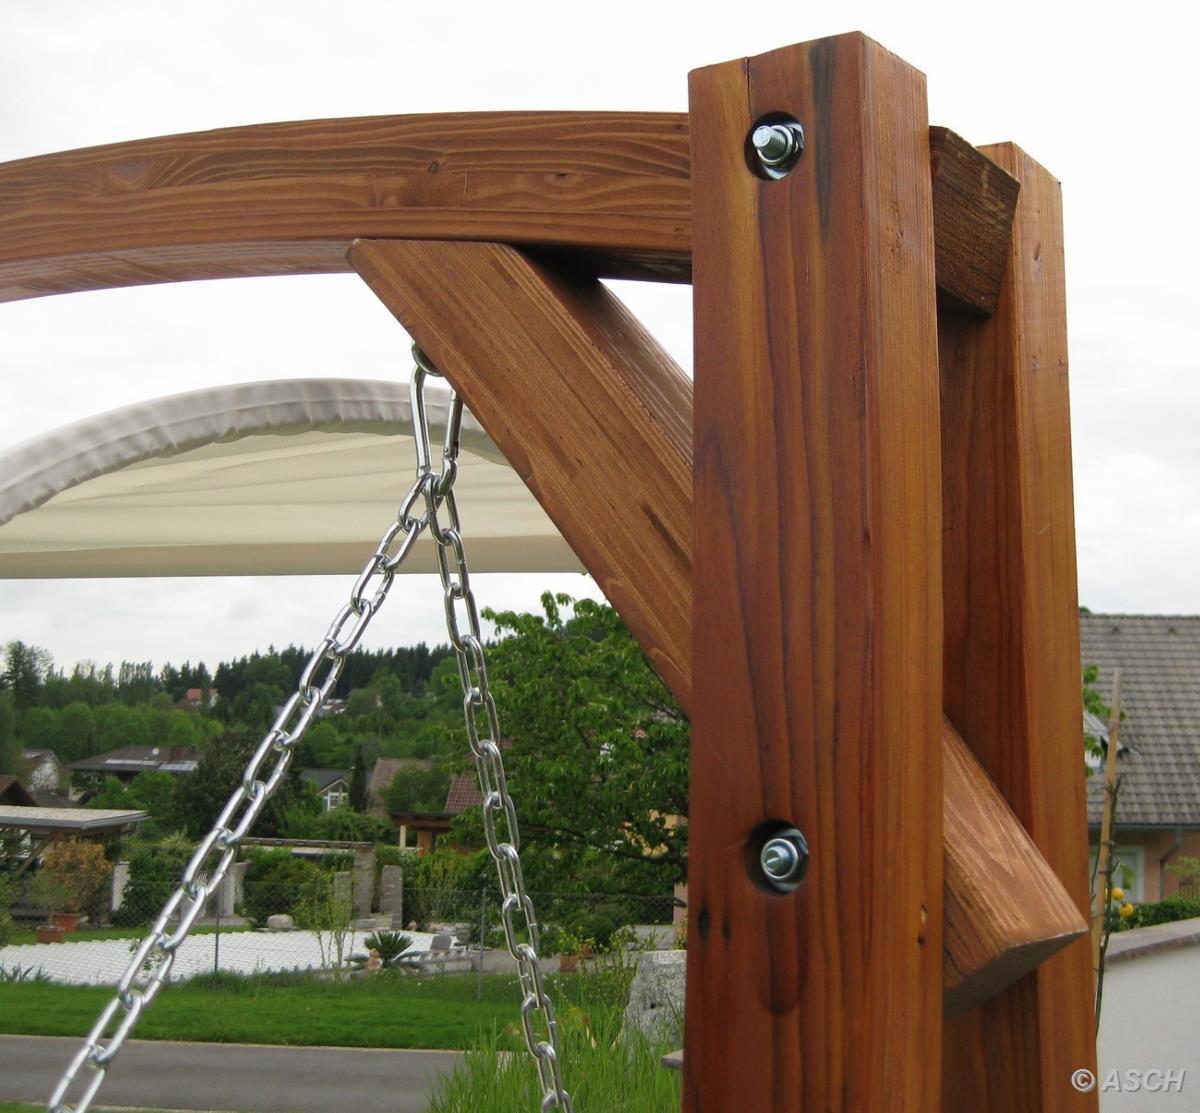 hamac balancelle de luxe 2 personnes en bois massif. Black Bedroom Furniture Sets. Home Design Ideas